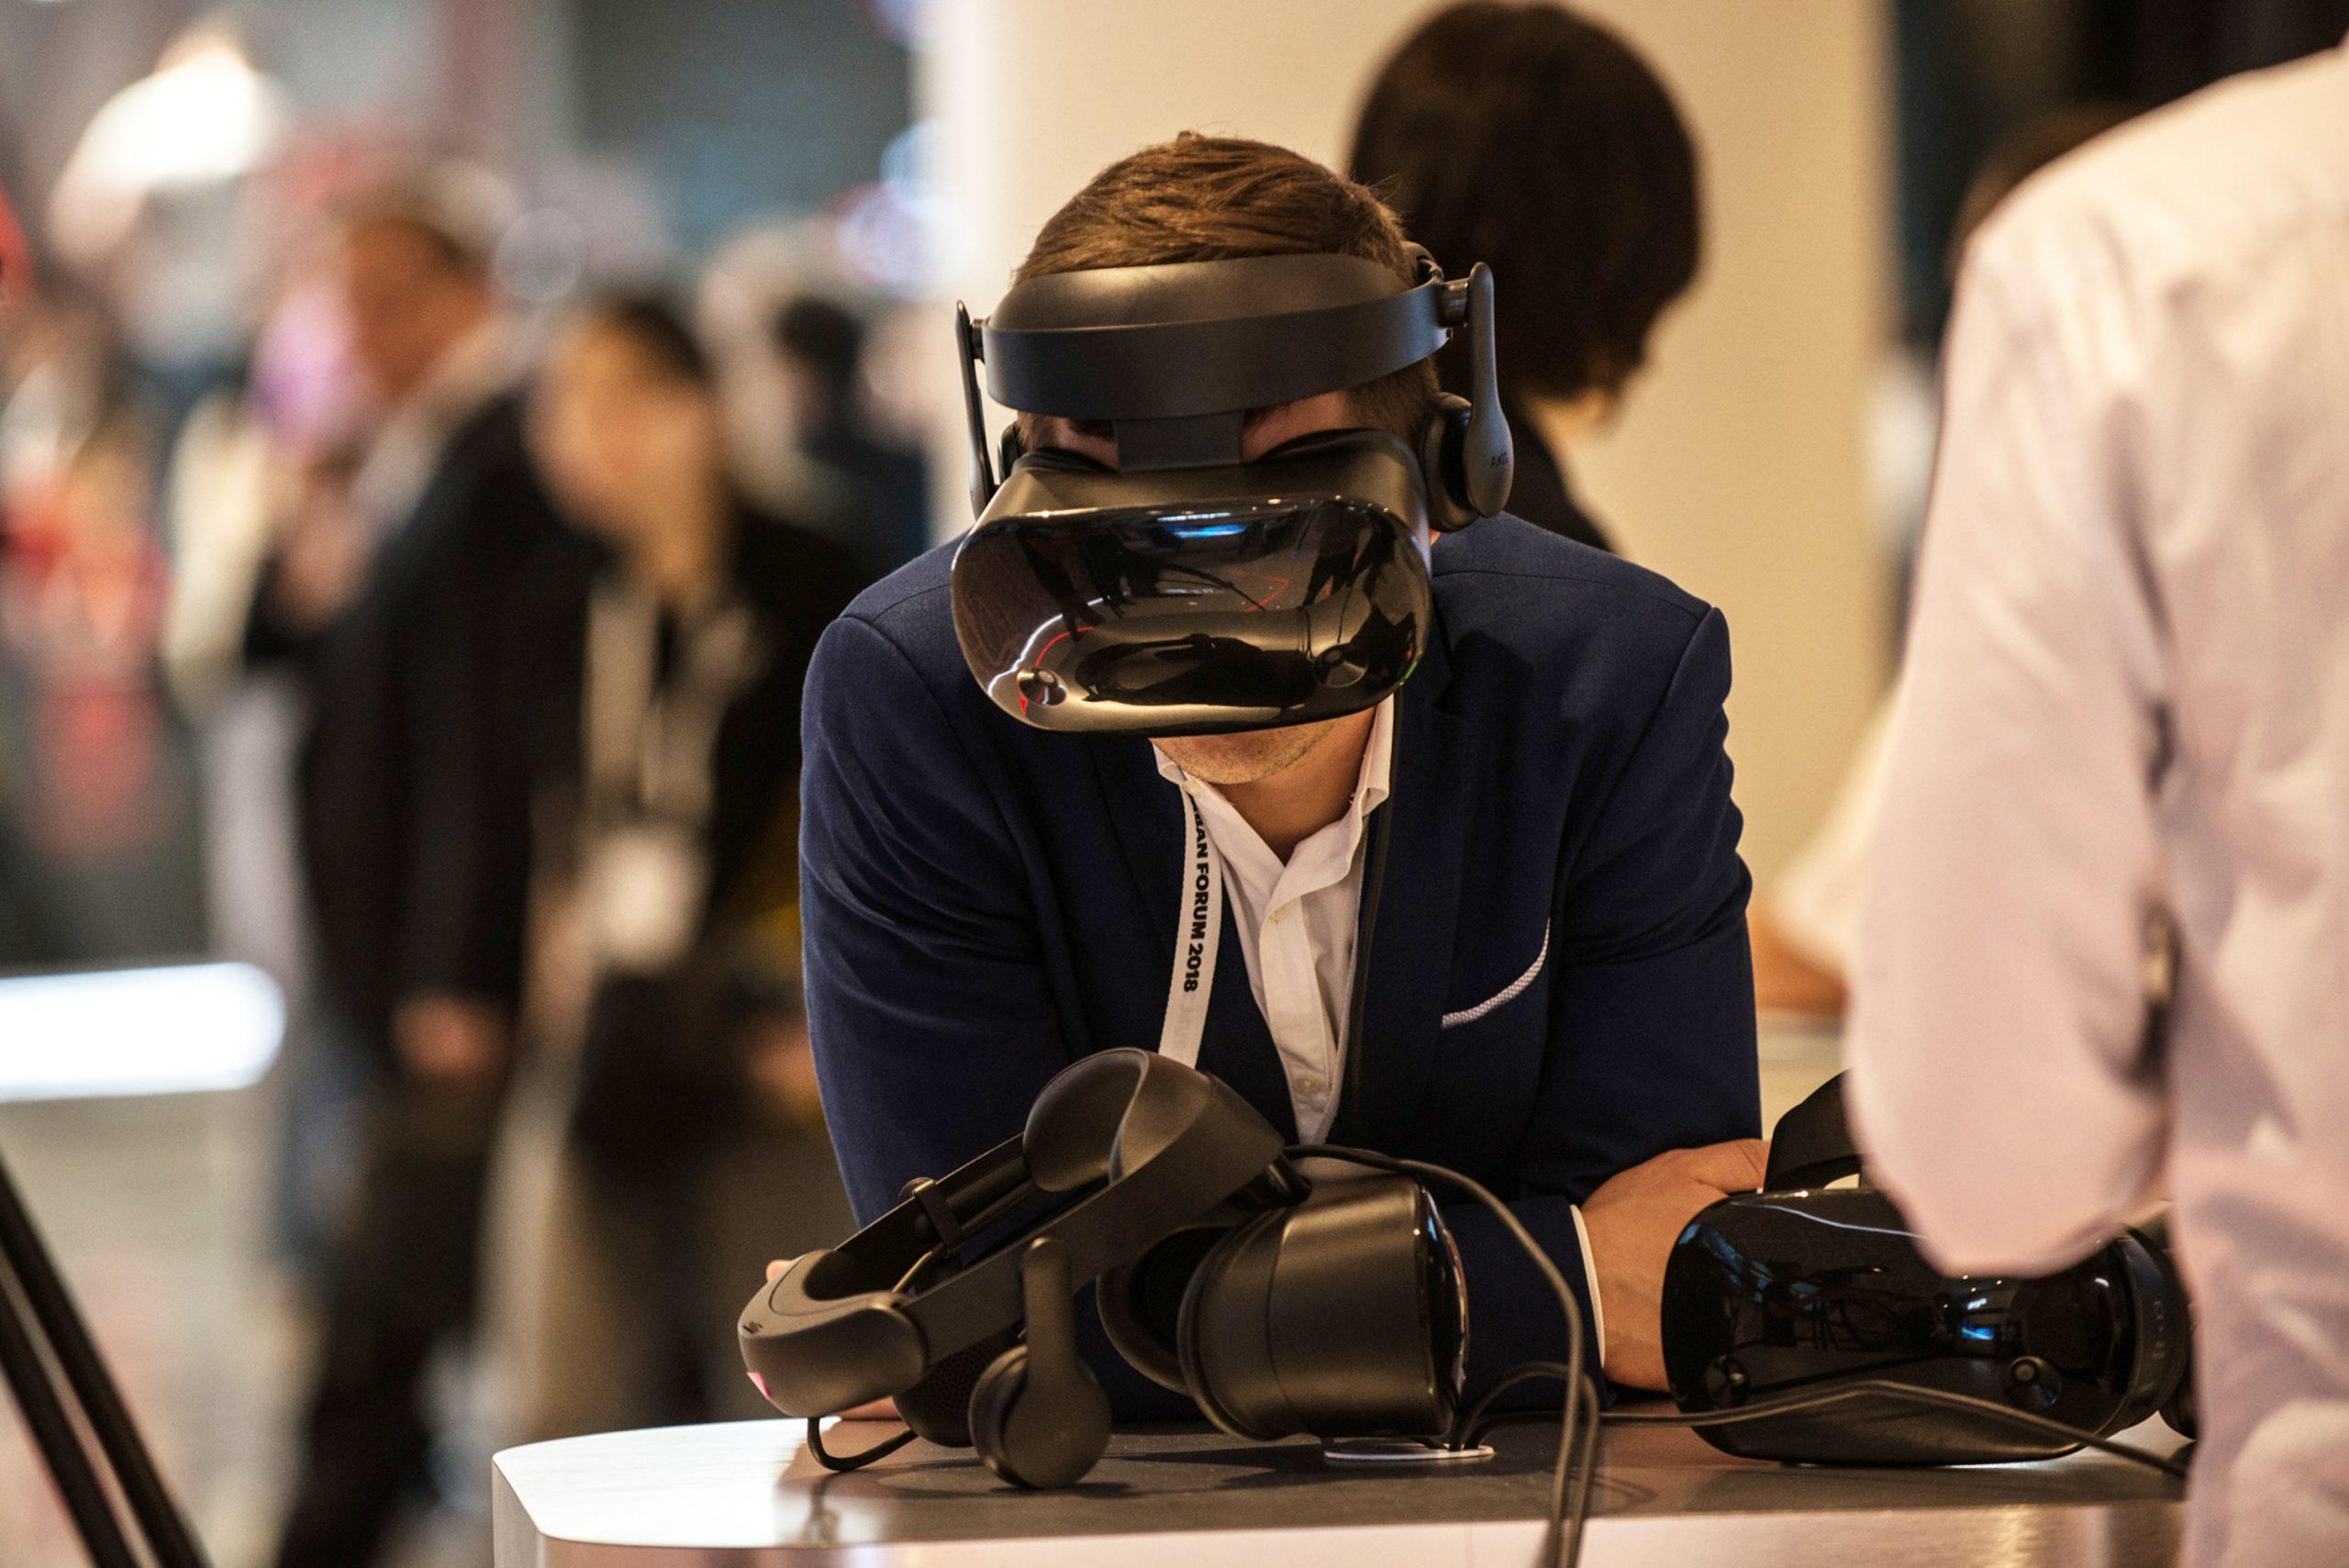 Образовательную программу с элементами виртуальной реальности разработали для будущих госслужащих и бизнесменов